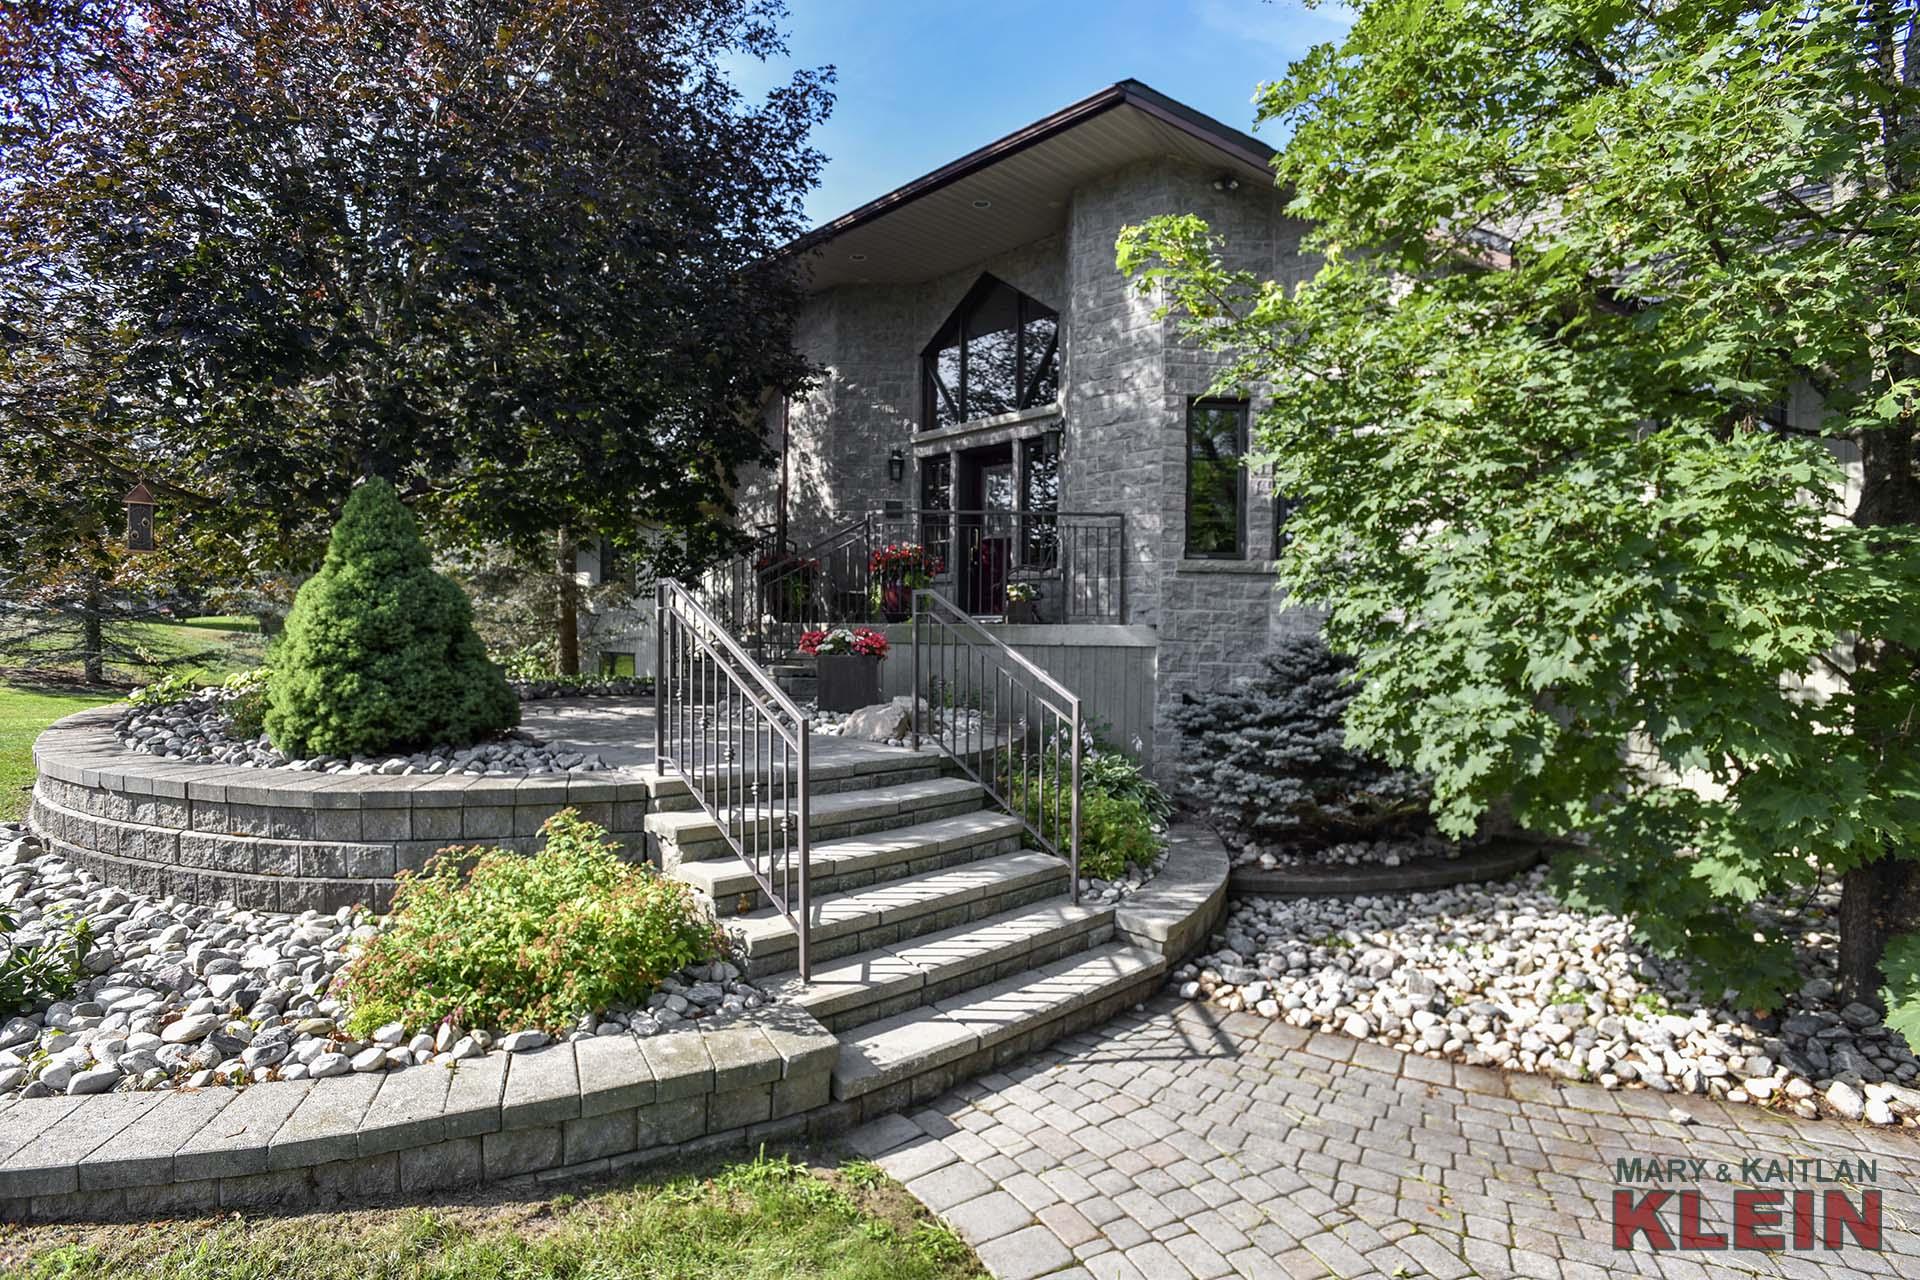 Interlocking Stone Walkways